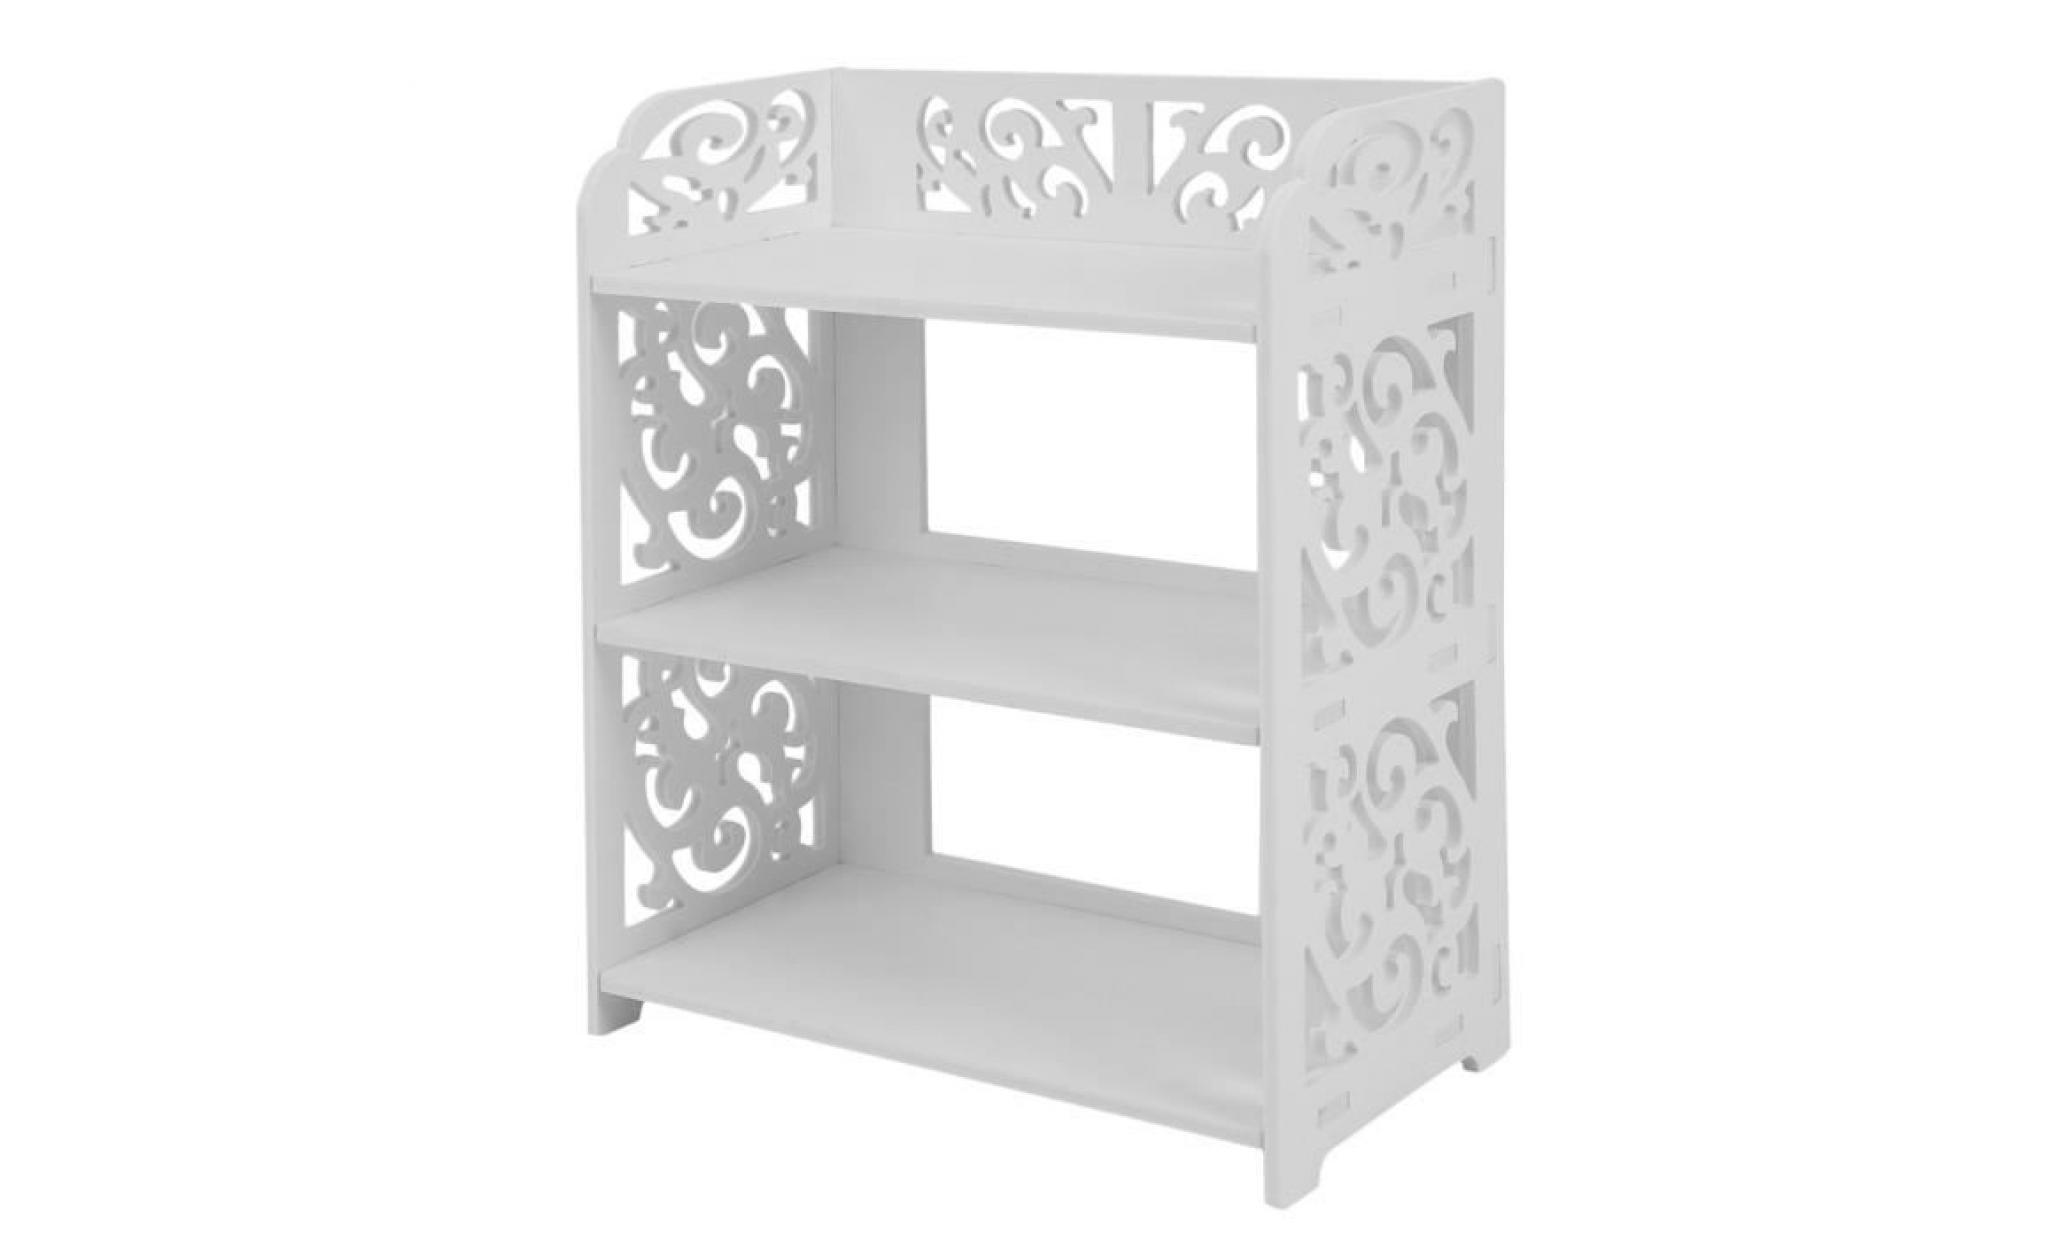 scandinave 2 pcs sculpté étagères de rangement 3 couches en bois plastique - Achat/Vente meuble ...